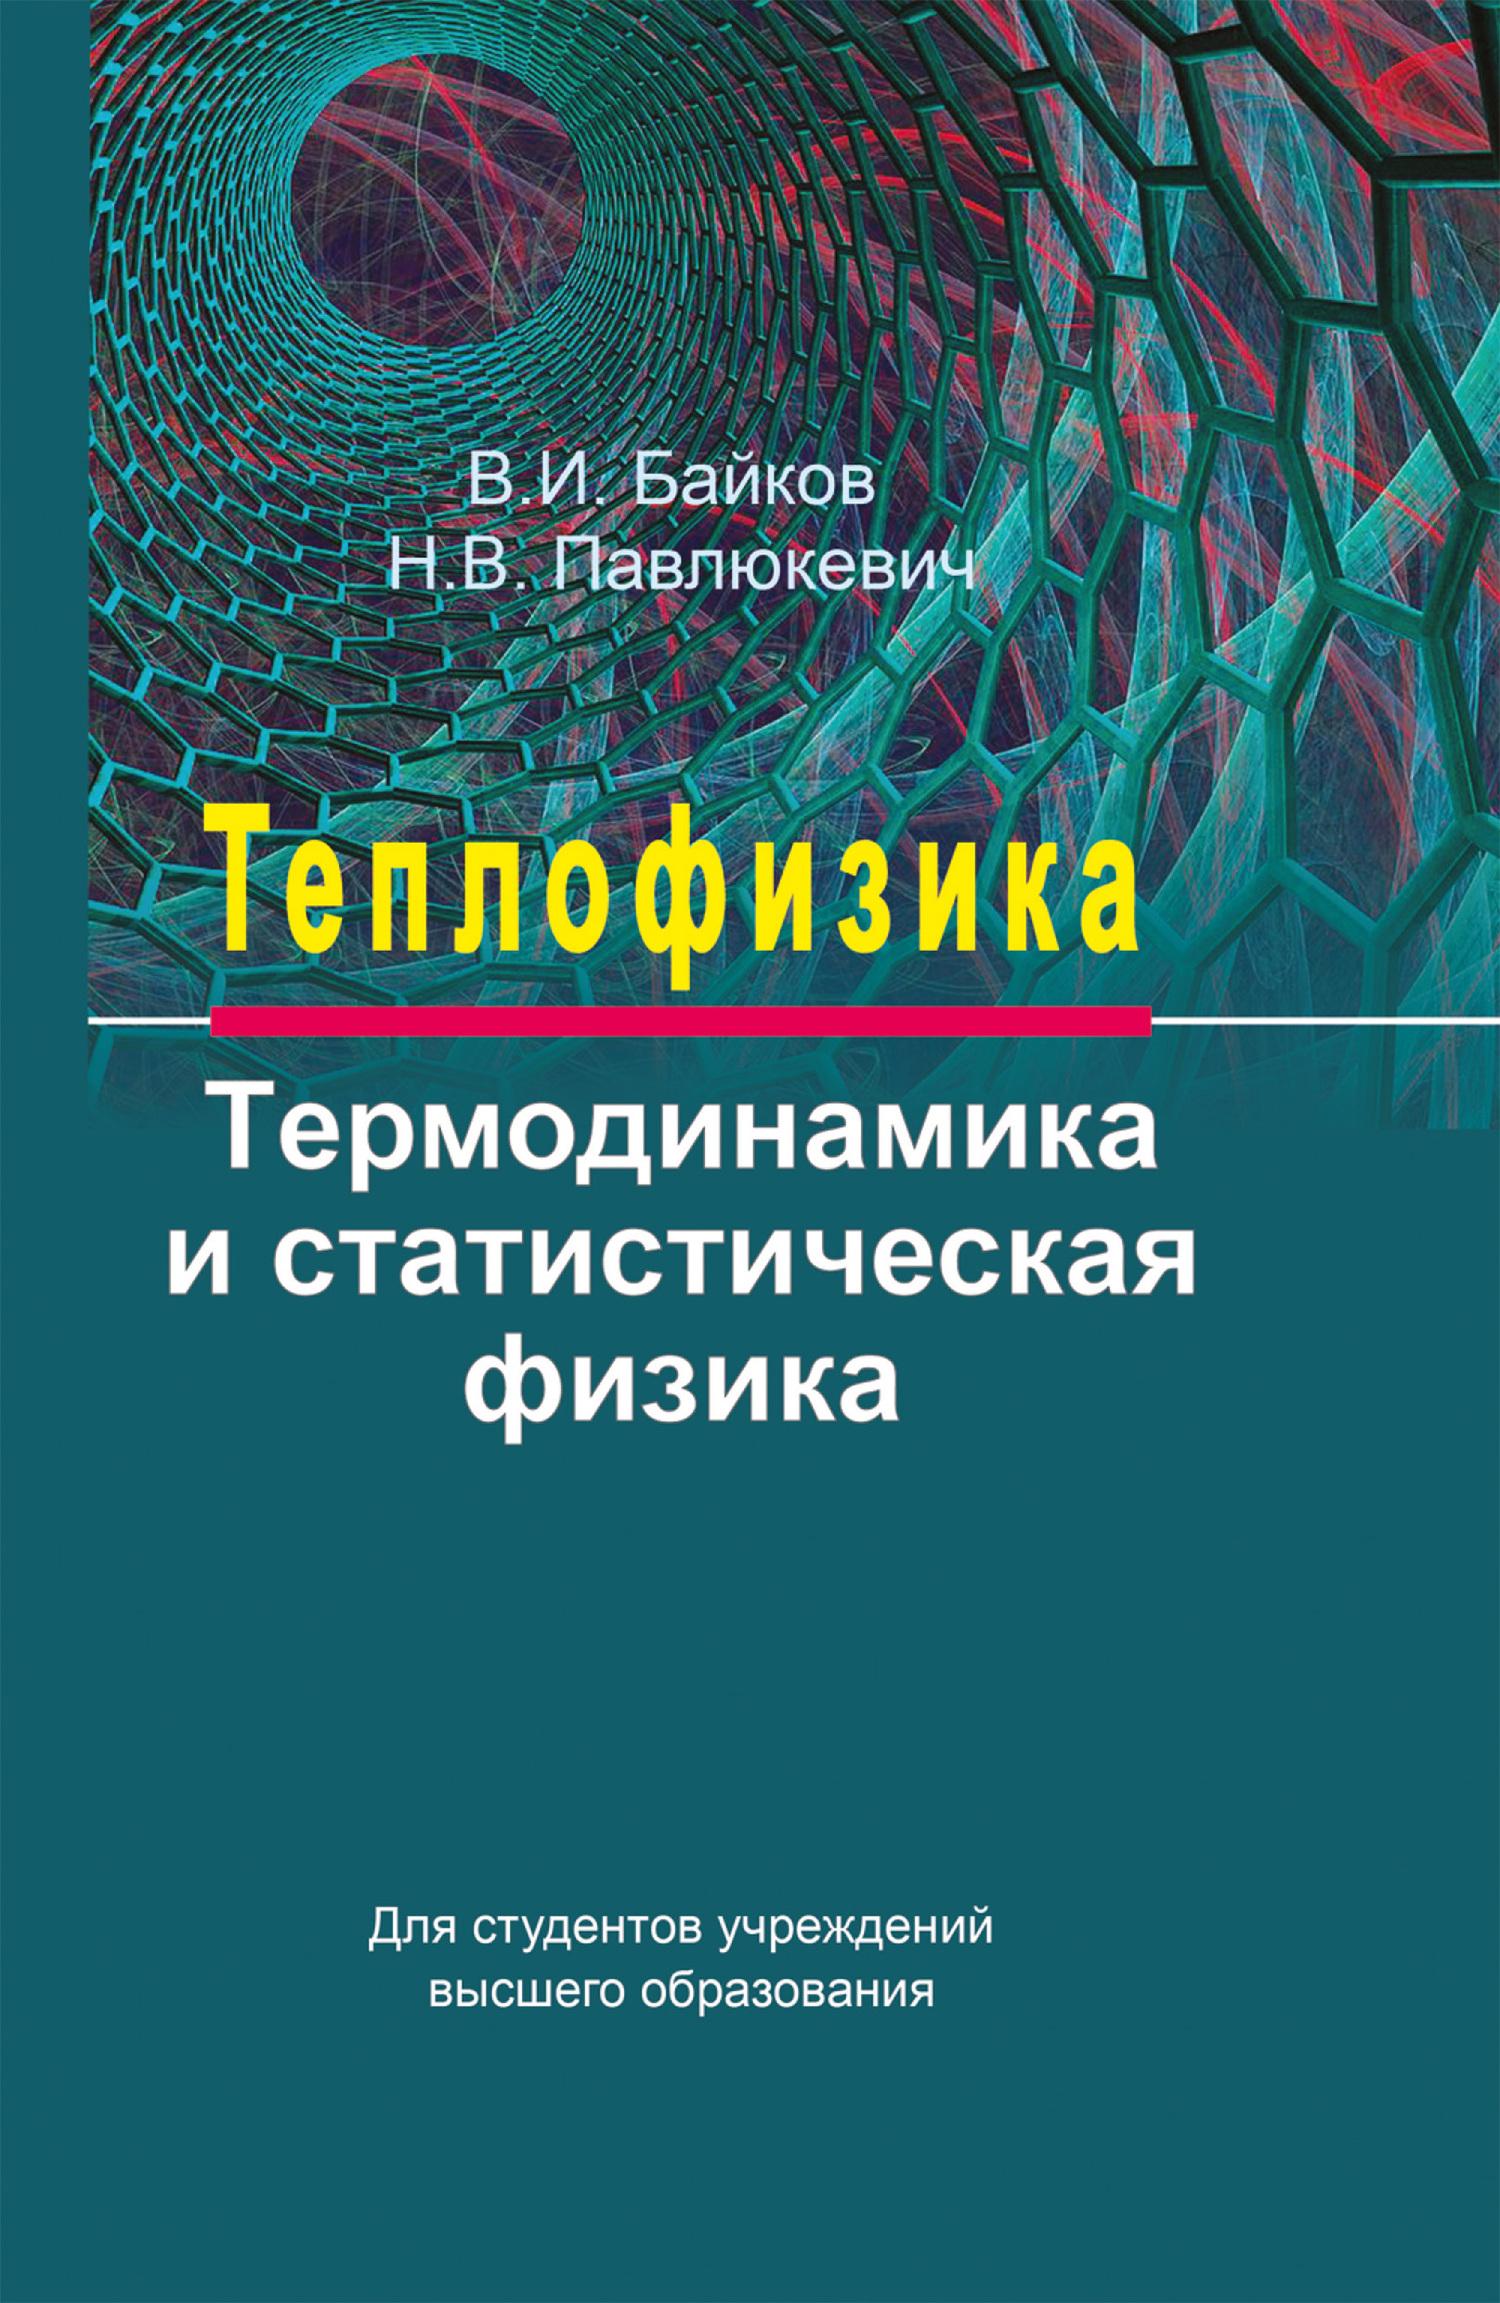 В. И. Байков Теплофизика. Термодинамика  статистическая